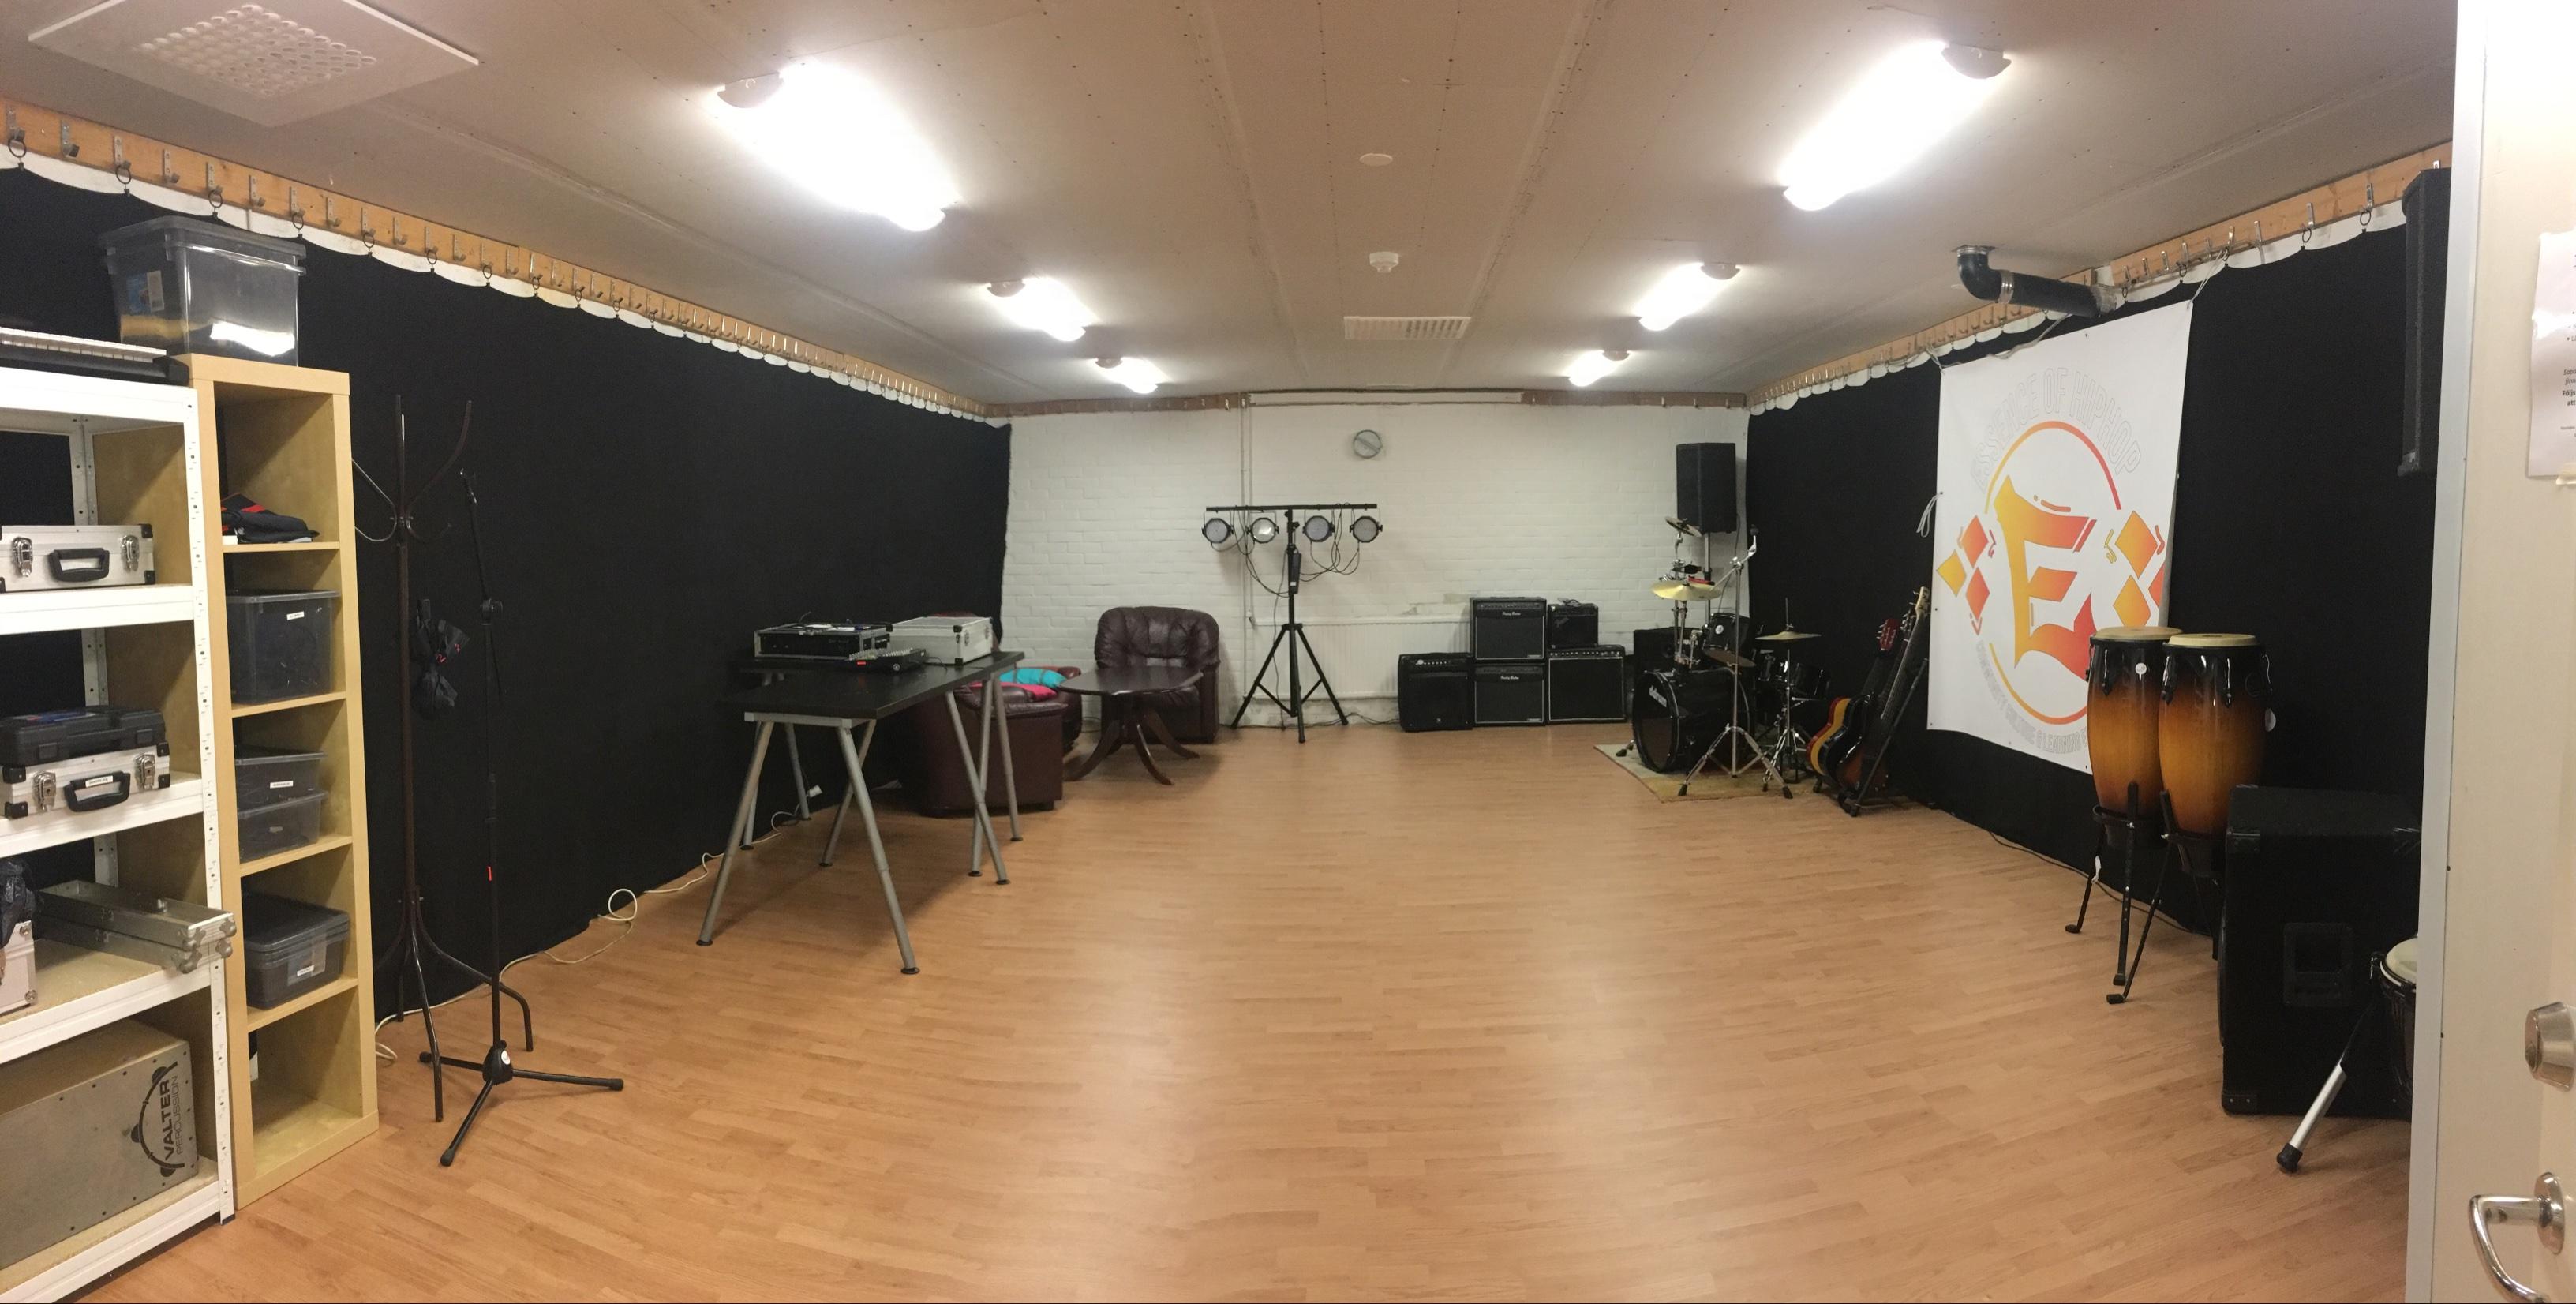 Replokalsbild. Brunt golv, svarta draperier längst väggarna, hyllor på vänster sida samt musikutrustning rakt fram.